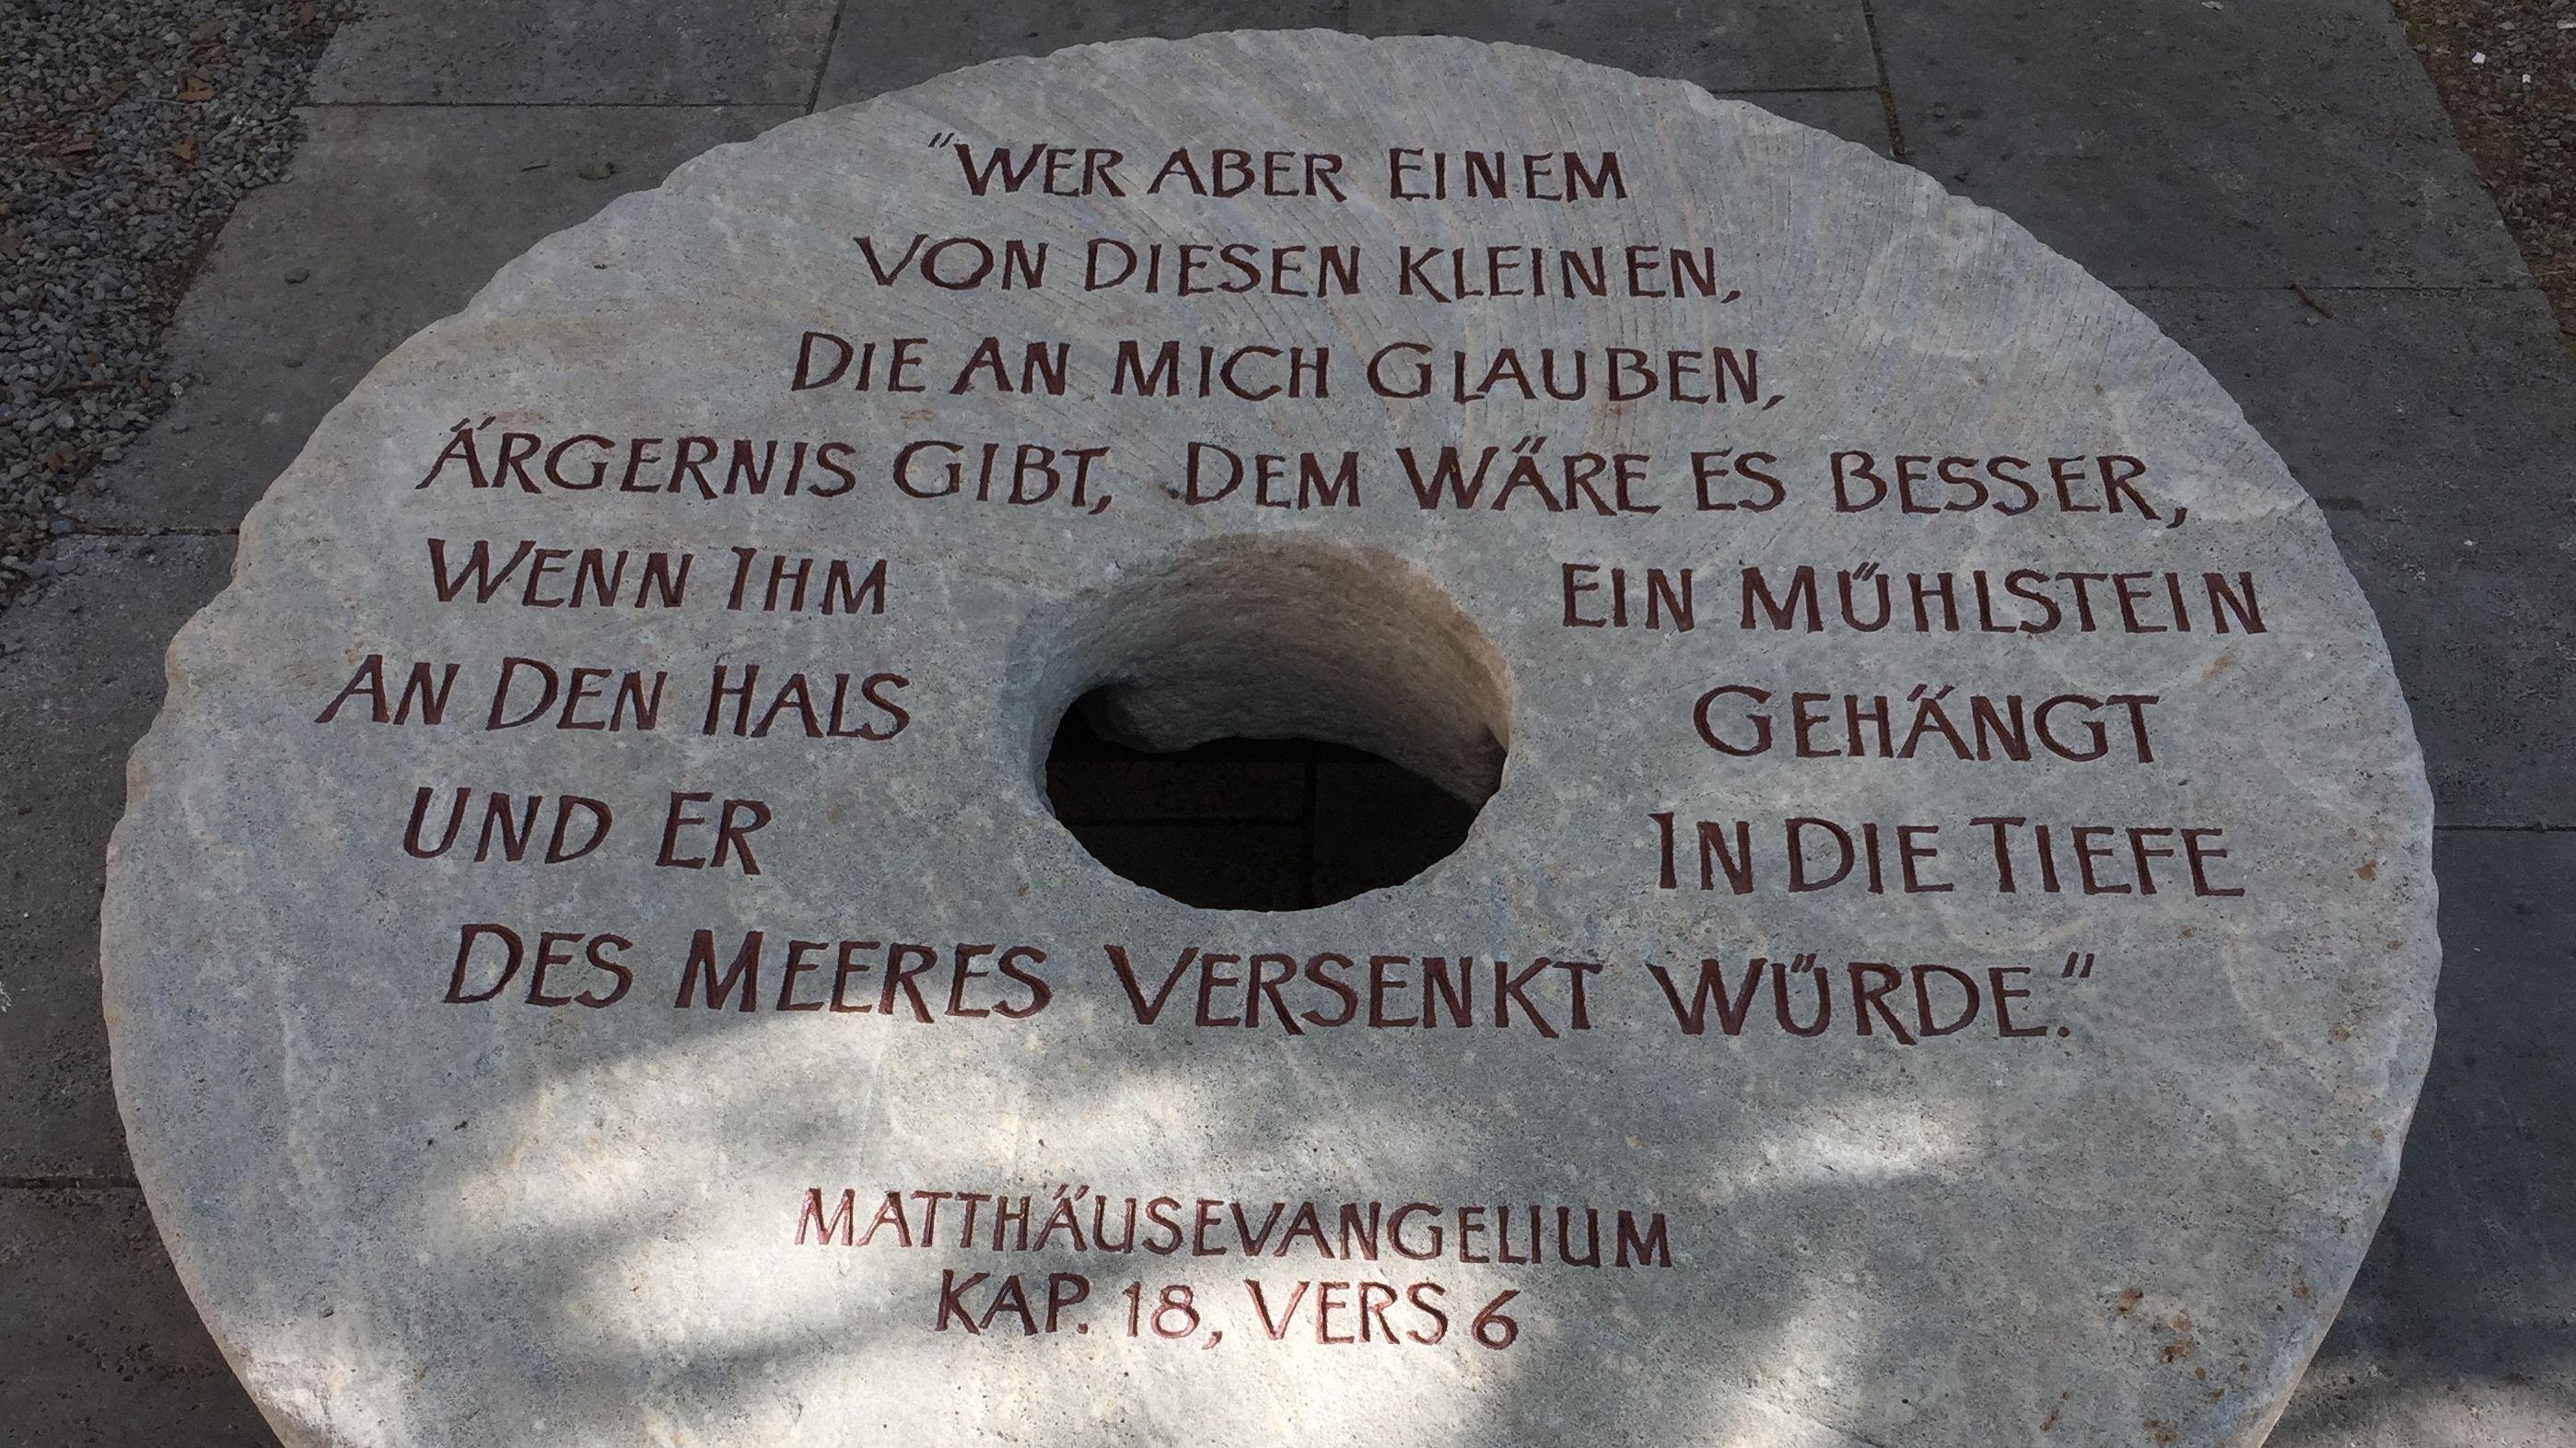 """Mühlstein hinter dem Dom, mit eingemeißelter Inschrift: """"Wer aber einem von diesen Kleinen, die an mich glauben, Ärgernis gibt, dem wäre es besser, wenn ihm ein Mühlstein an den Hals gehängt und er in die Tiefe des Meeres versenkt würde."""""""